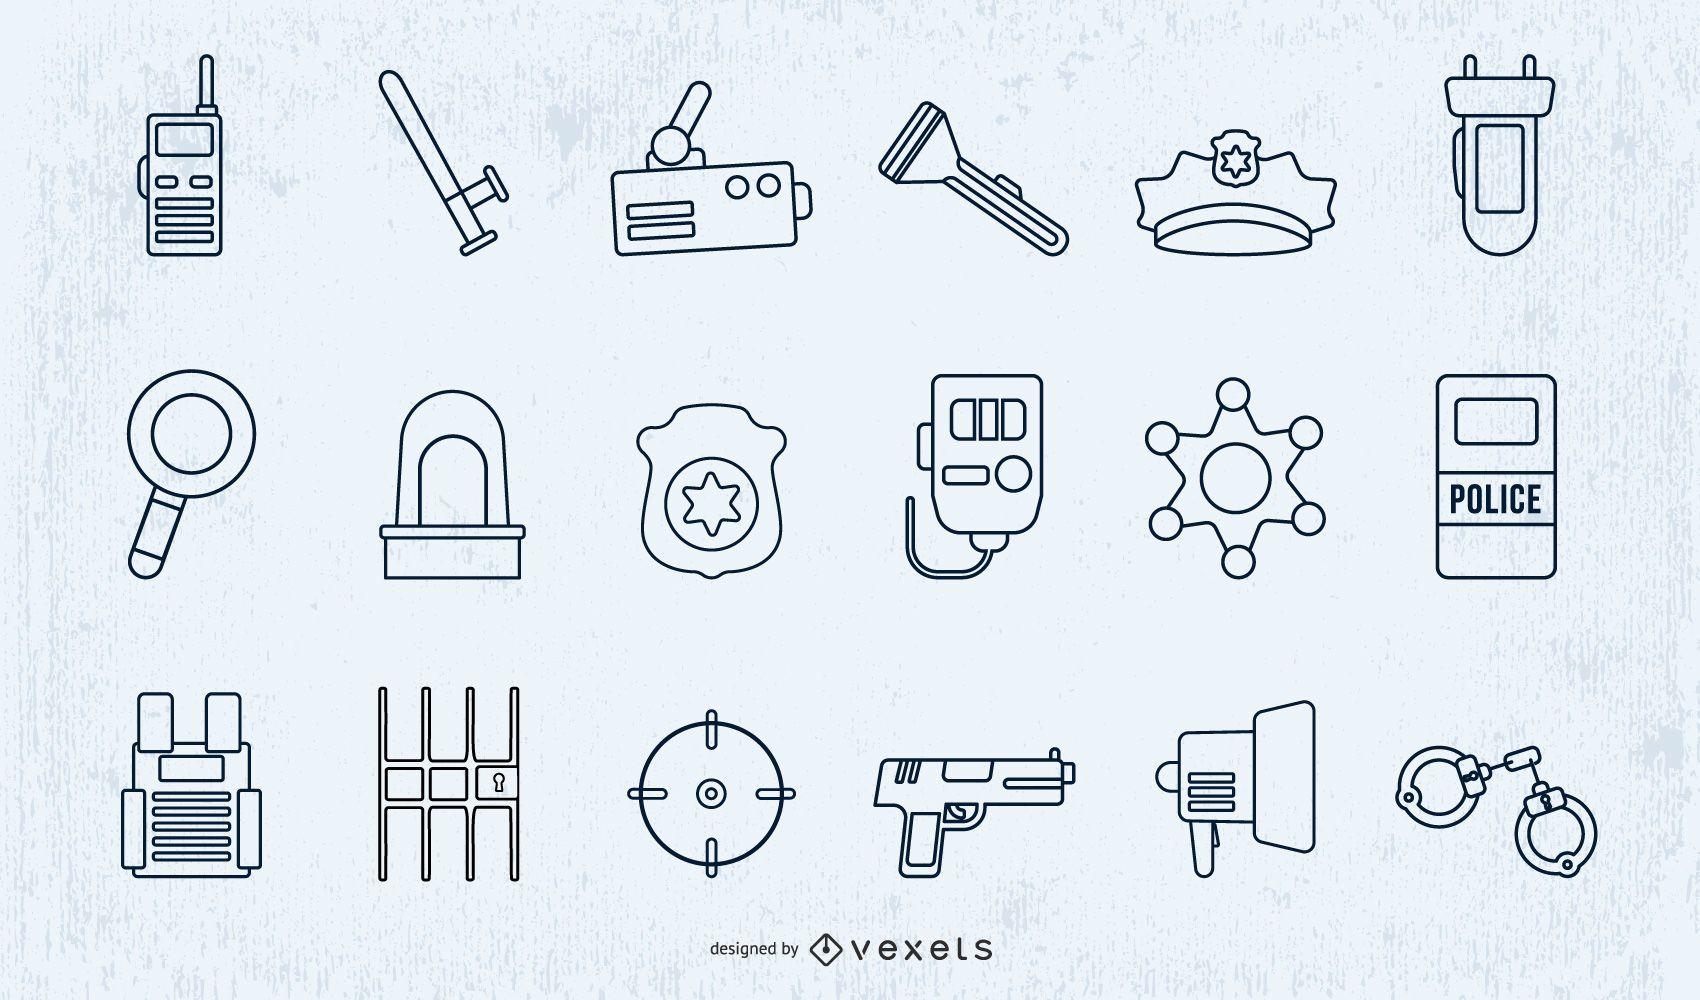 Police Elements Stroke Design Set